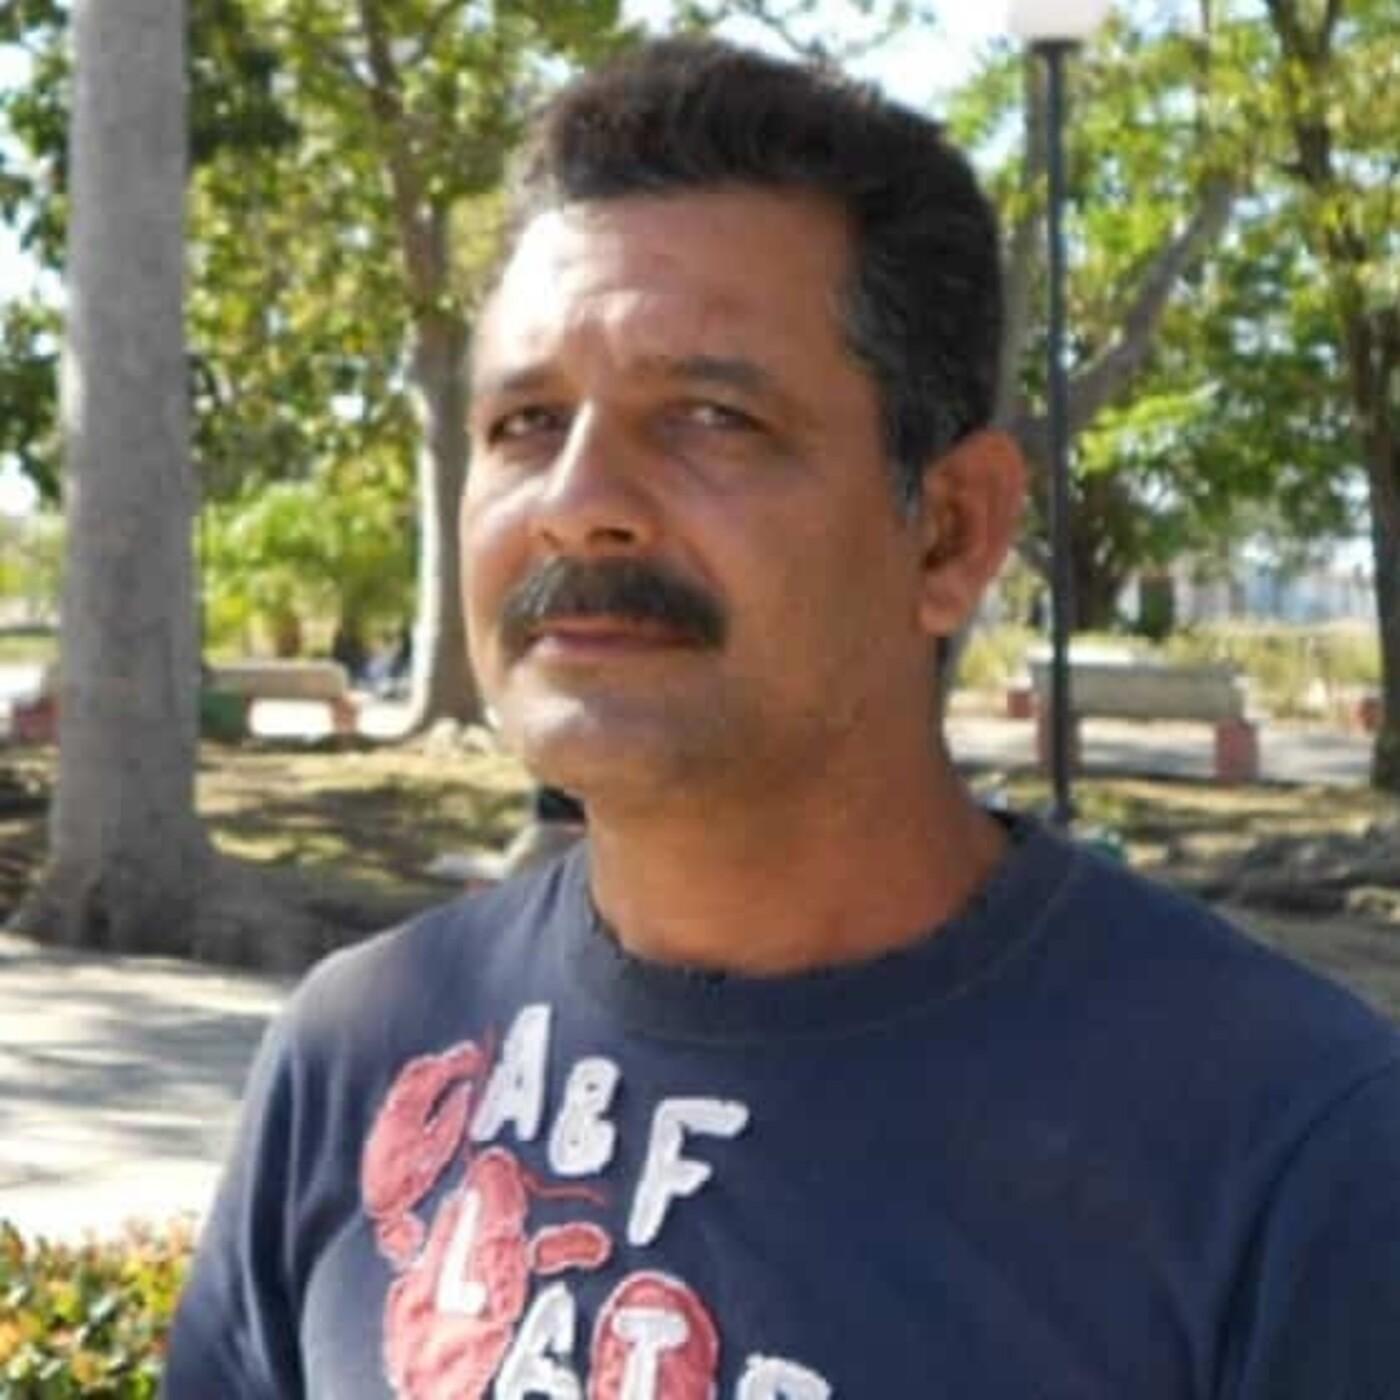 Escritor jobabense Raúl Félix Ávila Escriba- Destaca por sus textos ligados al quehacer local